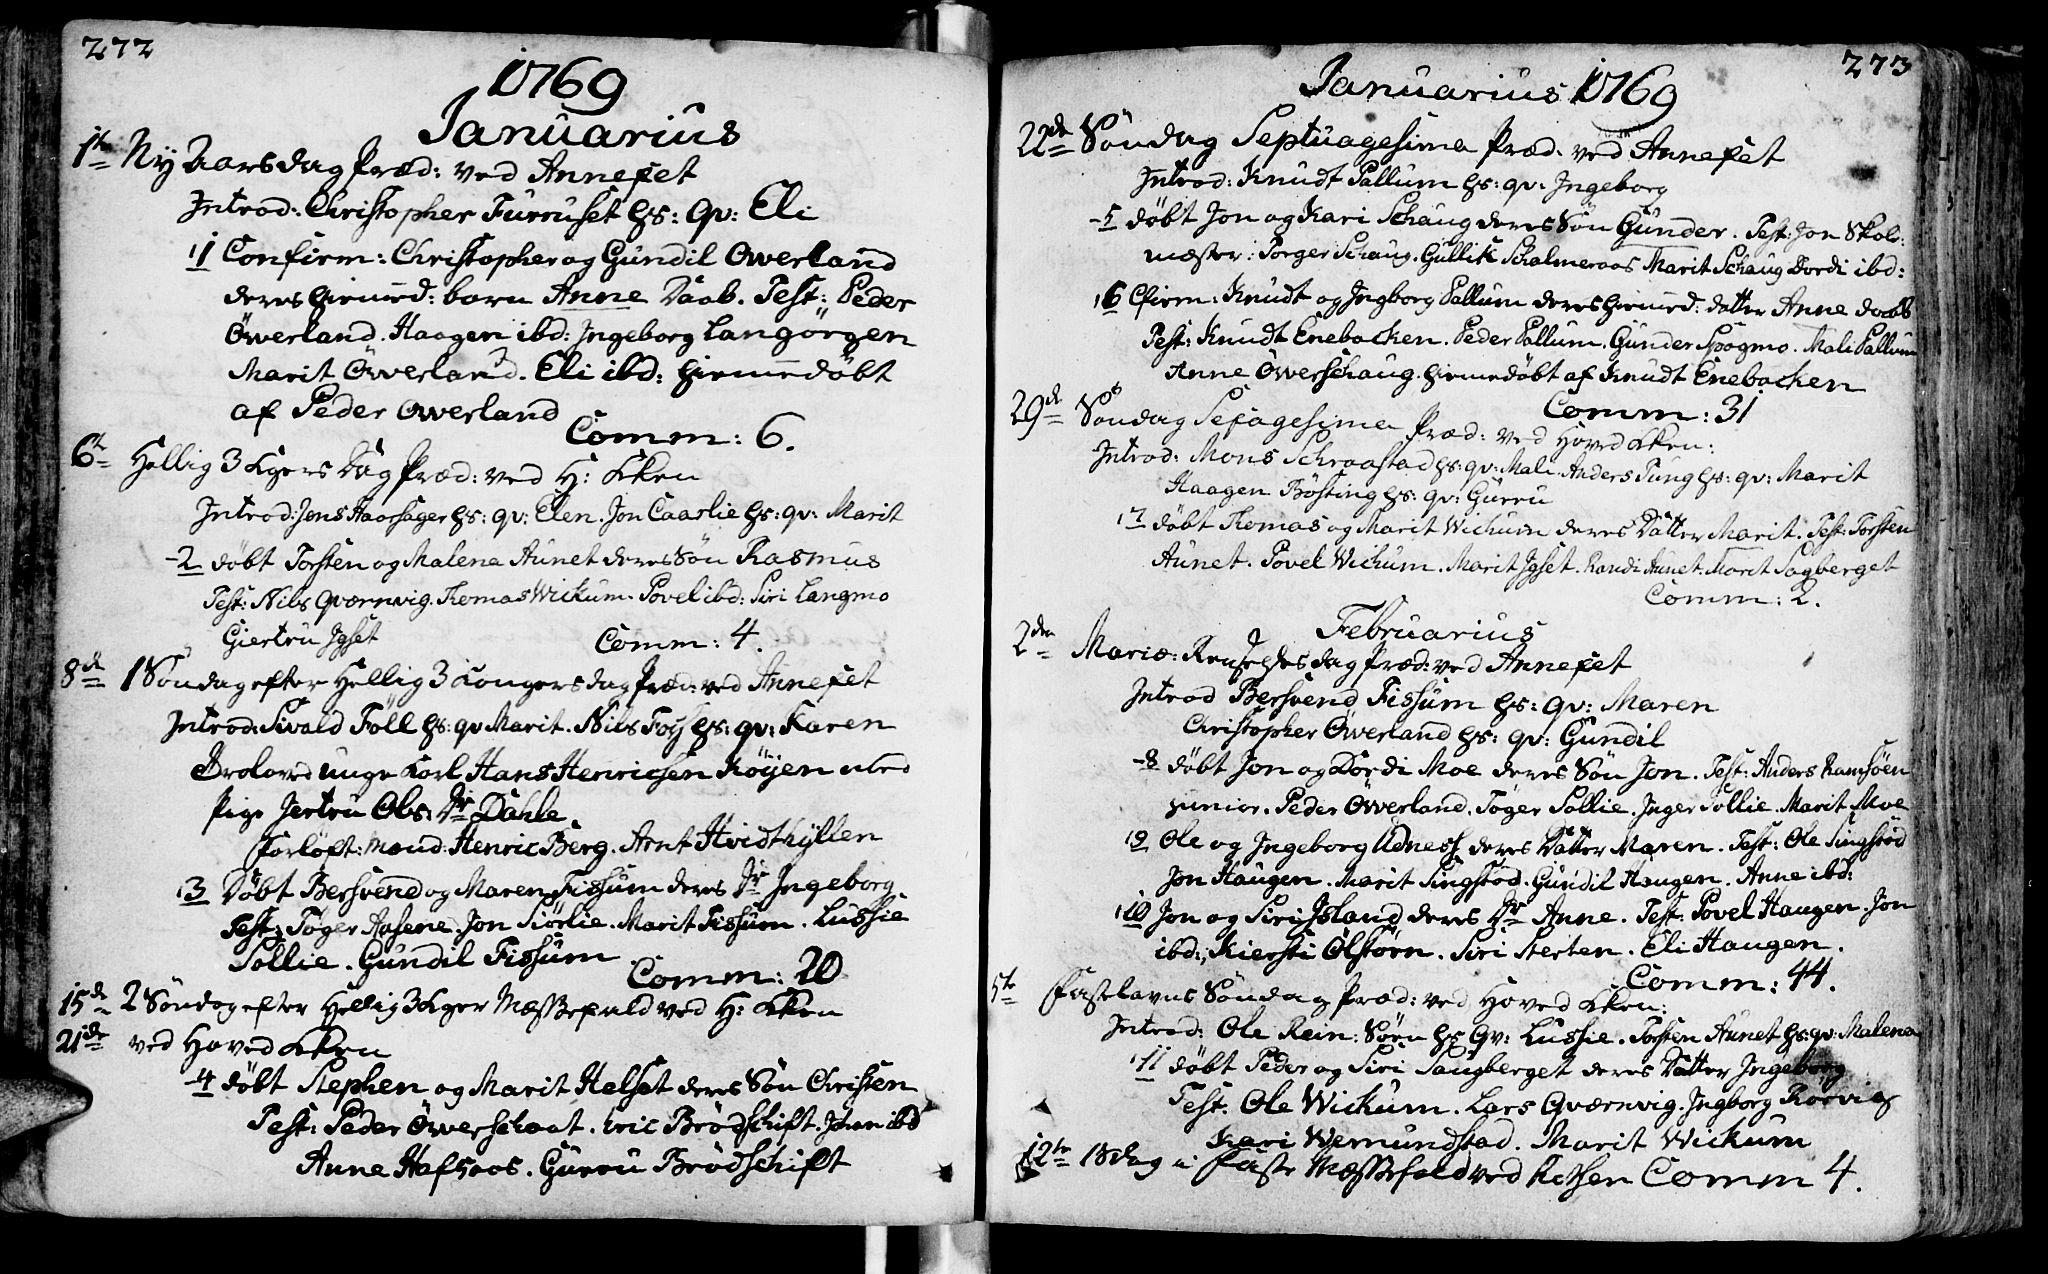 SAT, Ministerialprotokoller, klokkerbøker og fødselsregistre - Sør-Trøndelag, 646/L0605: Ministerialbok nr. 646A03, 1751-1790, s. 272-273